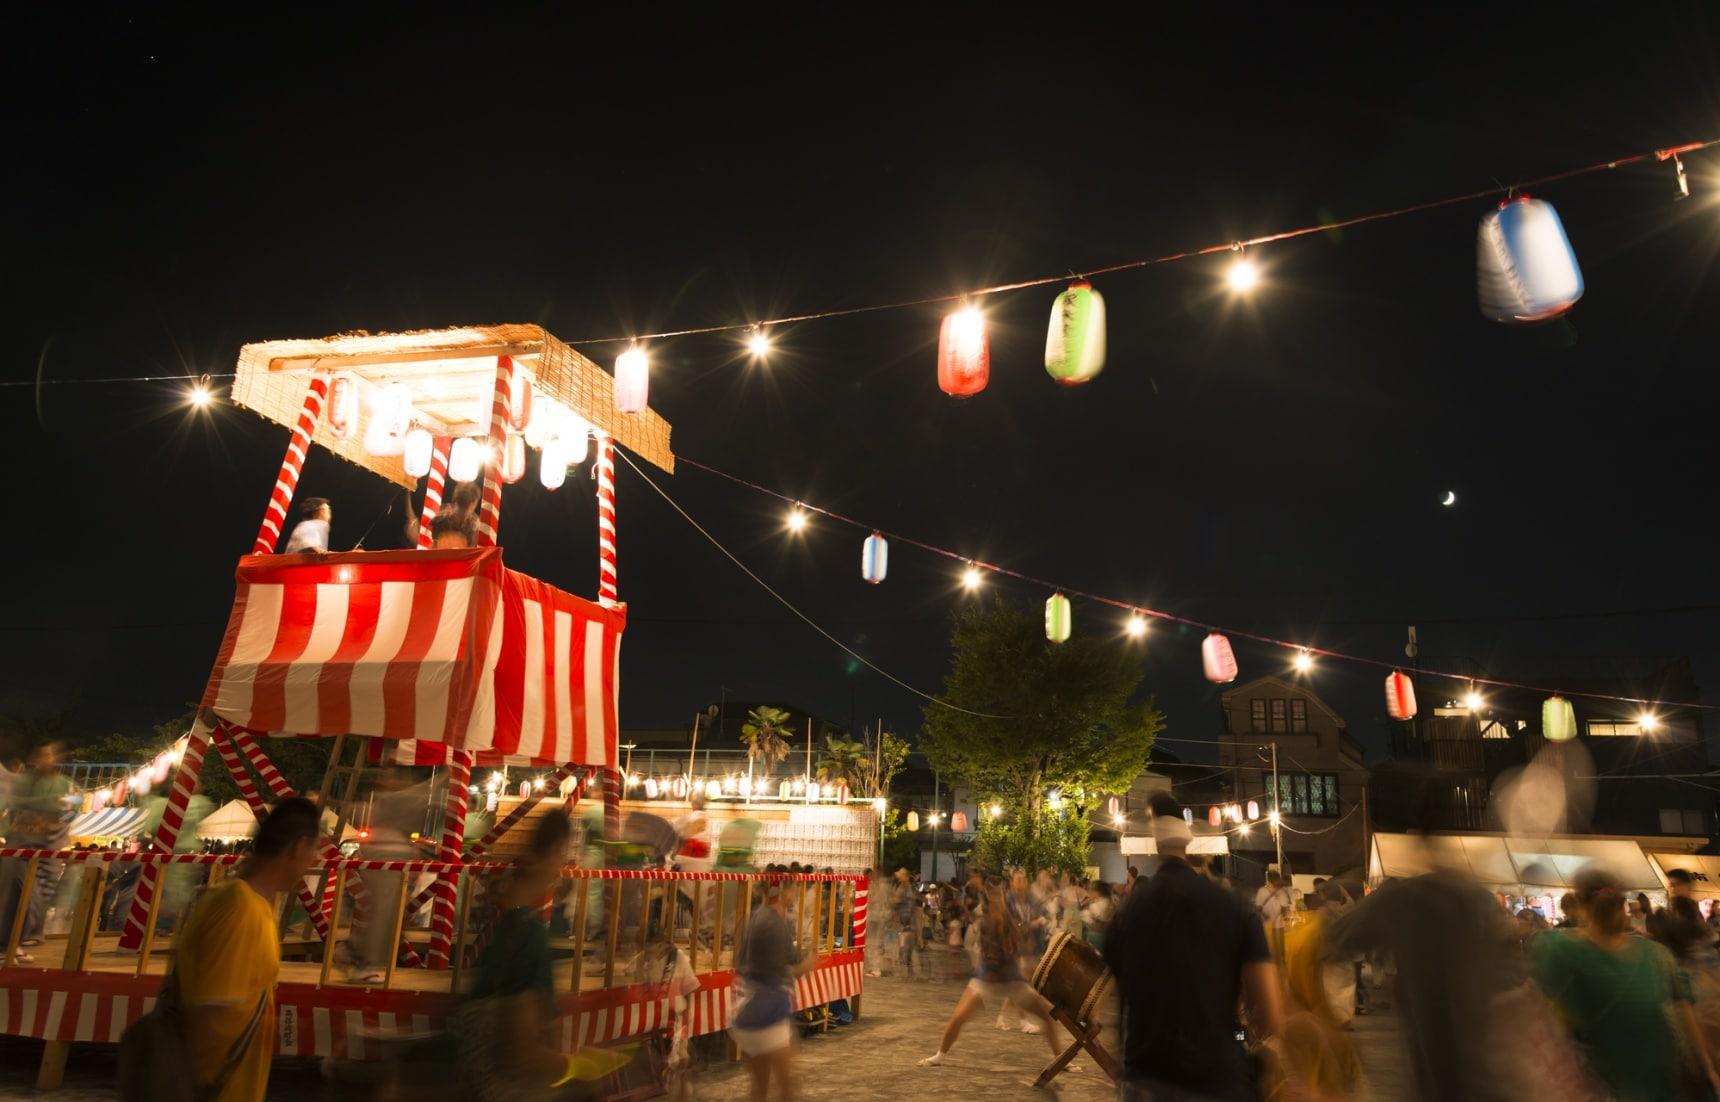 夏日蟬鳴時的浪漫回憶 日本夏日傳統祭典與儀式